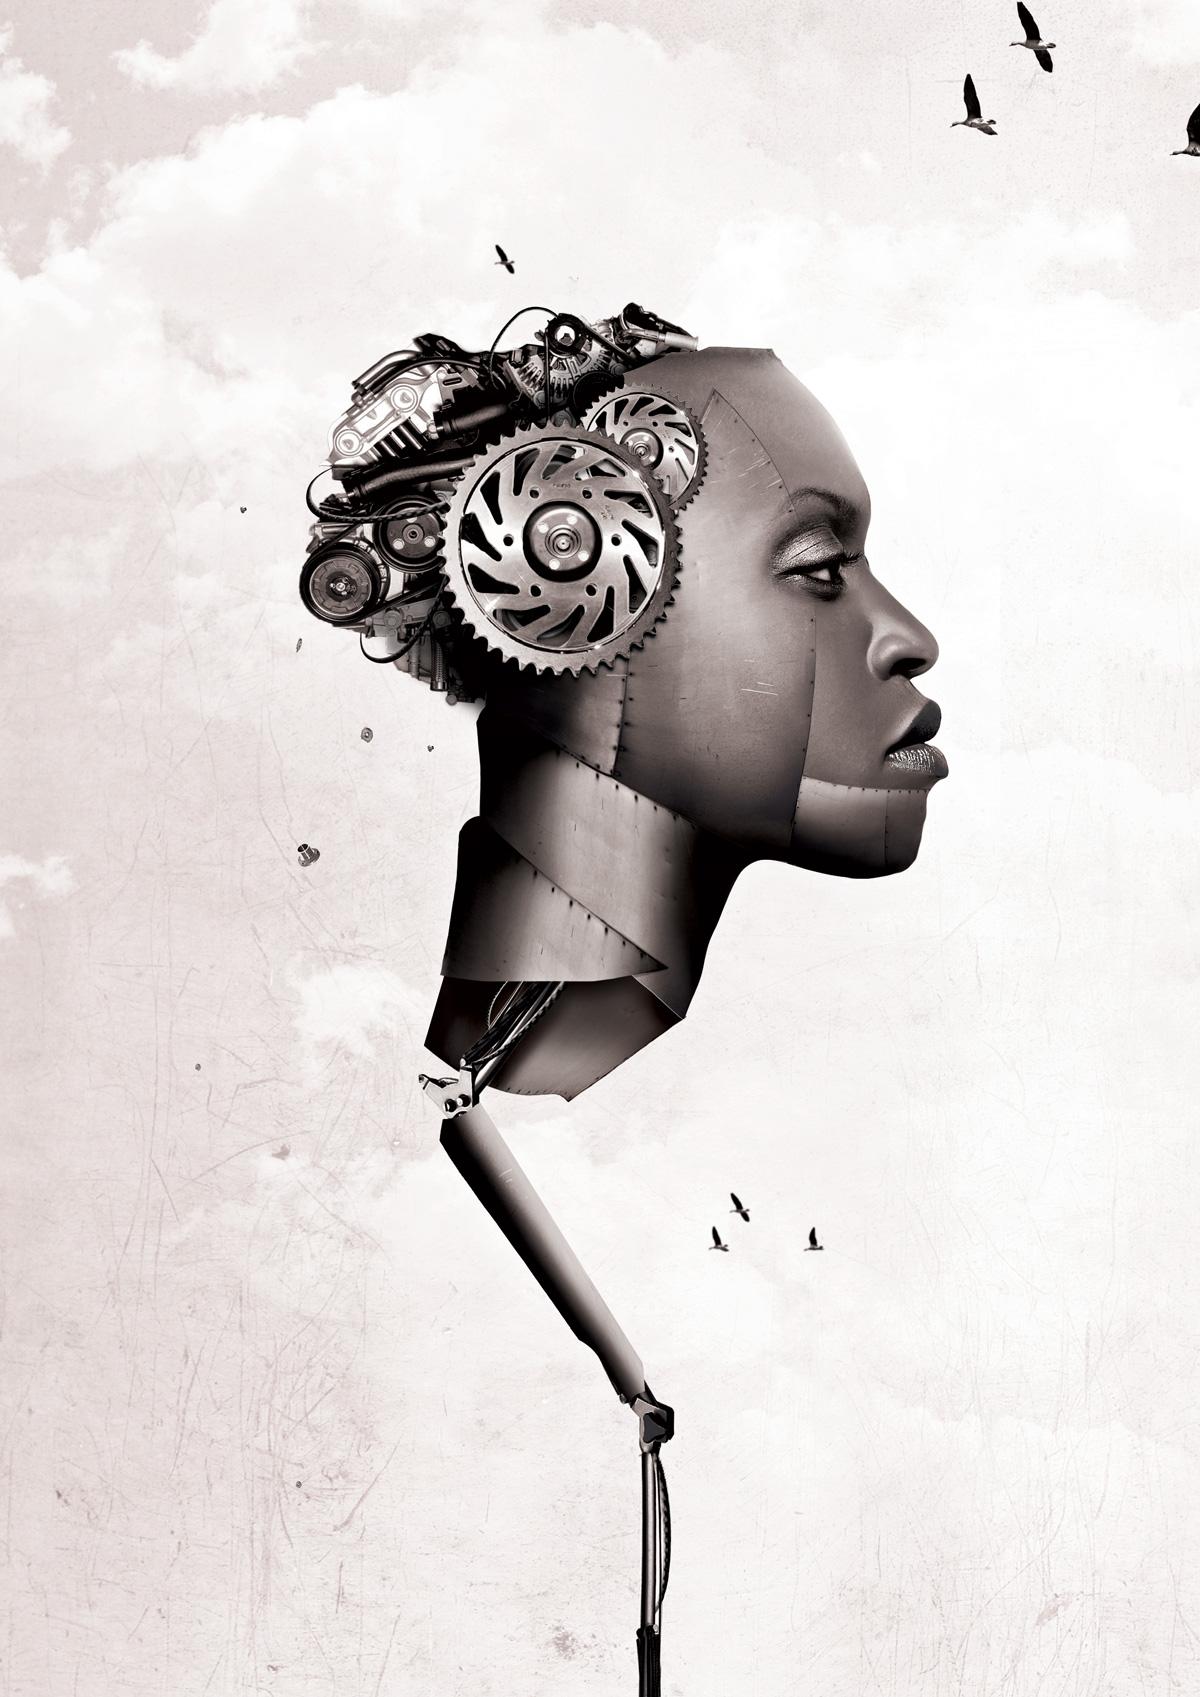 Metal-head